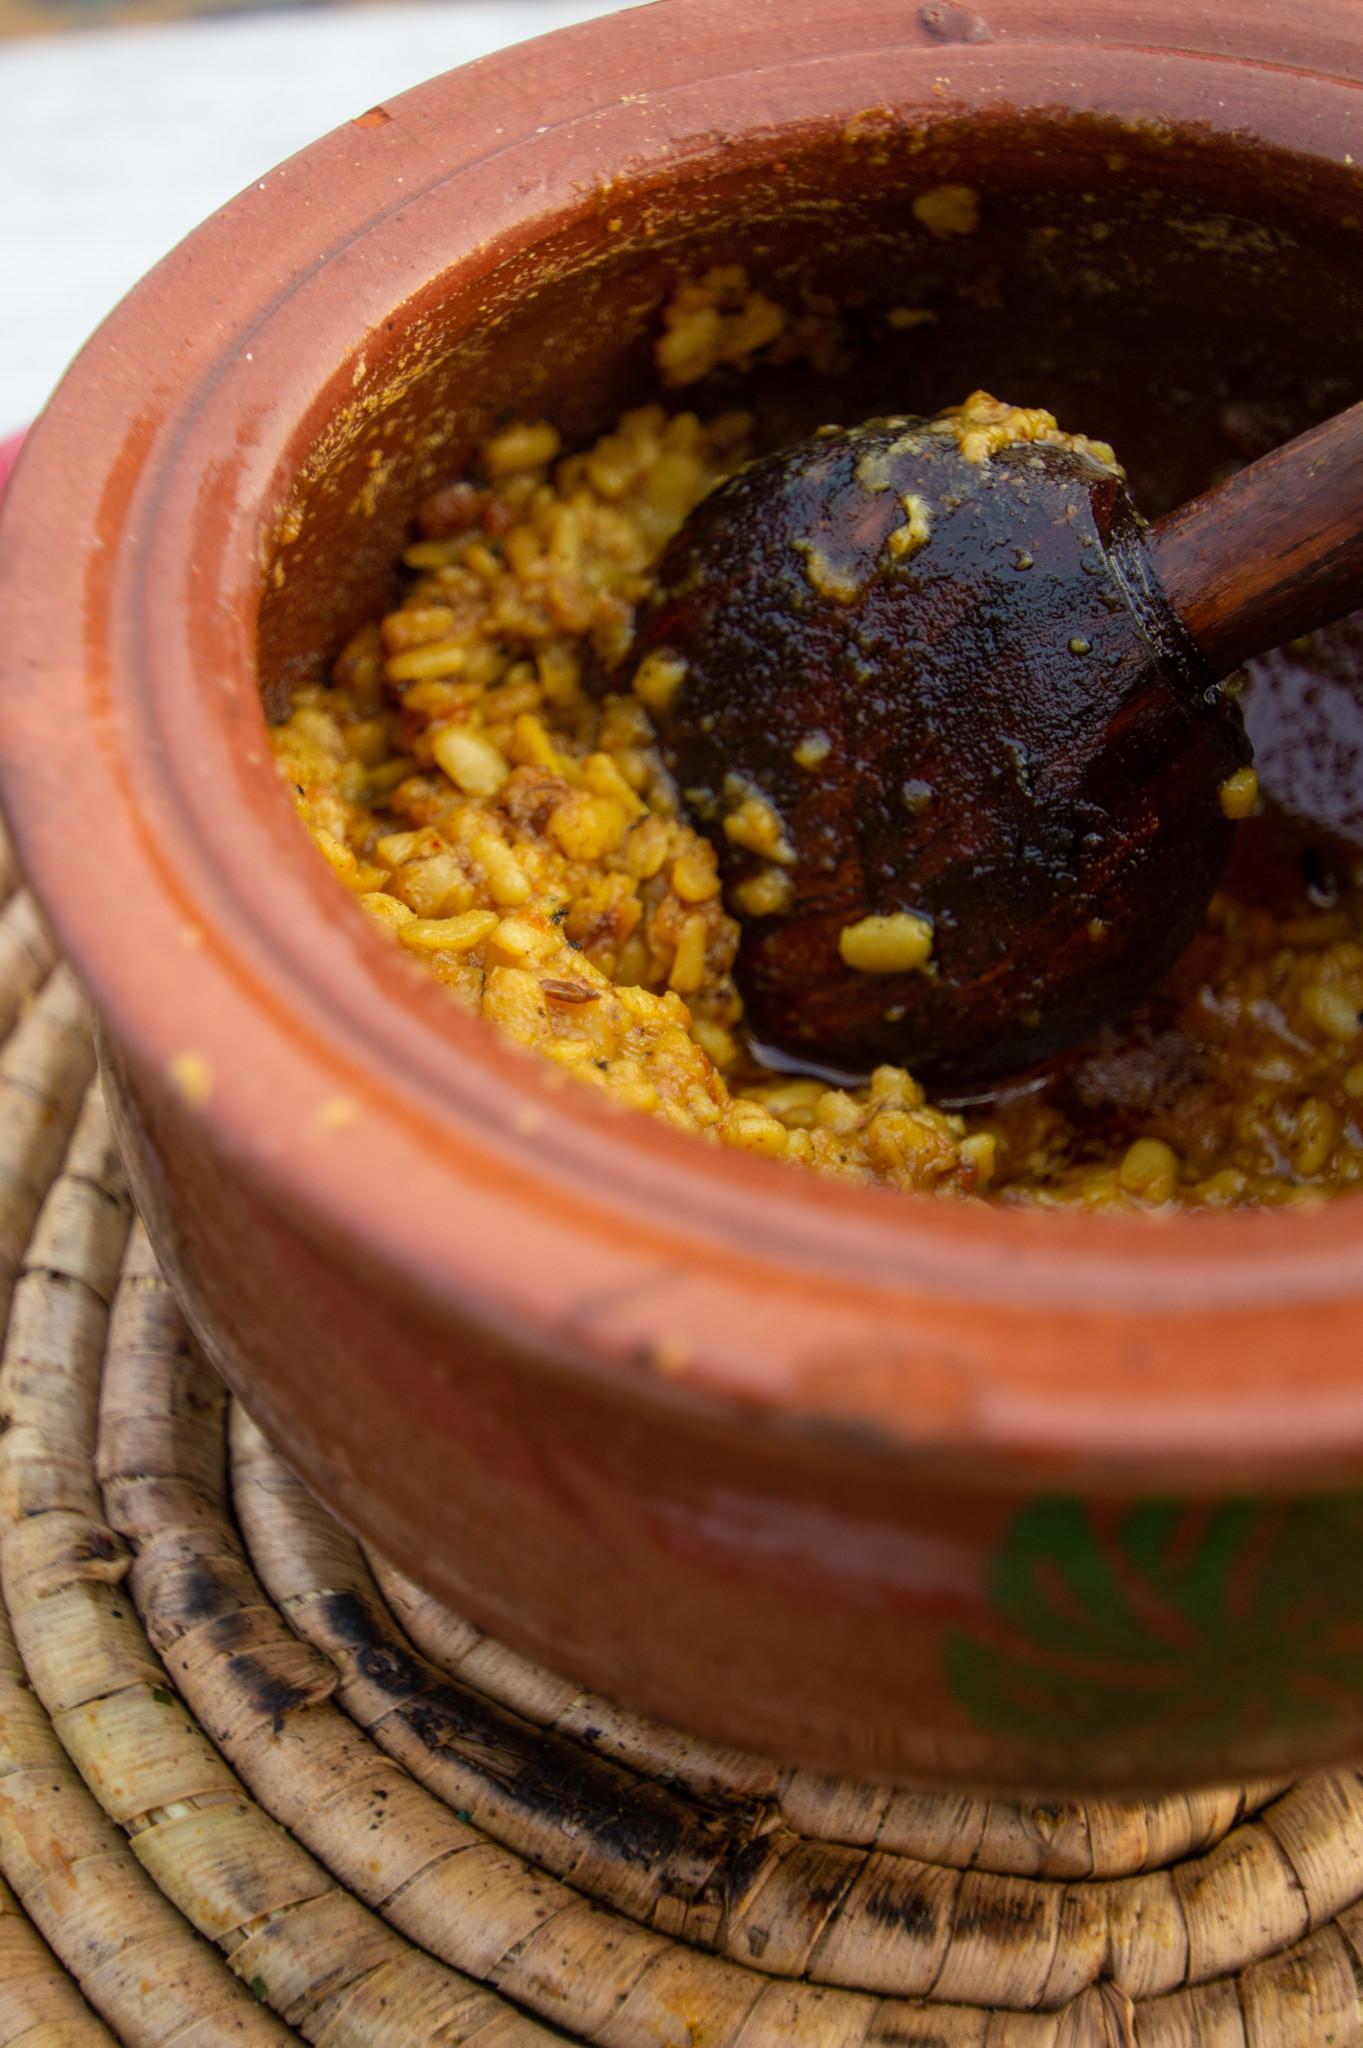 Daal ist auch pakistanisches Essen